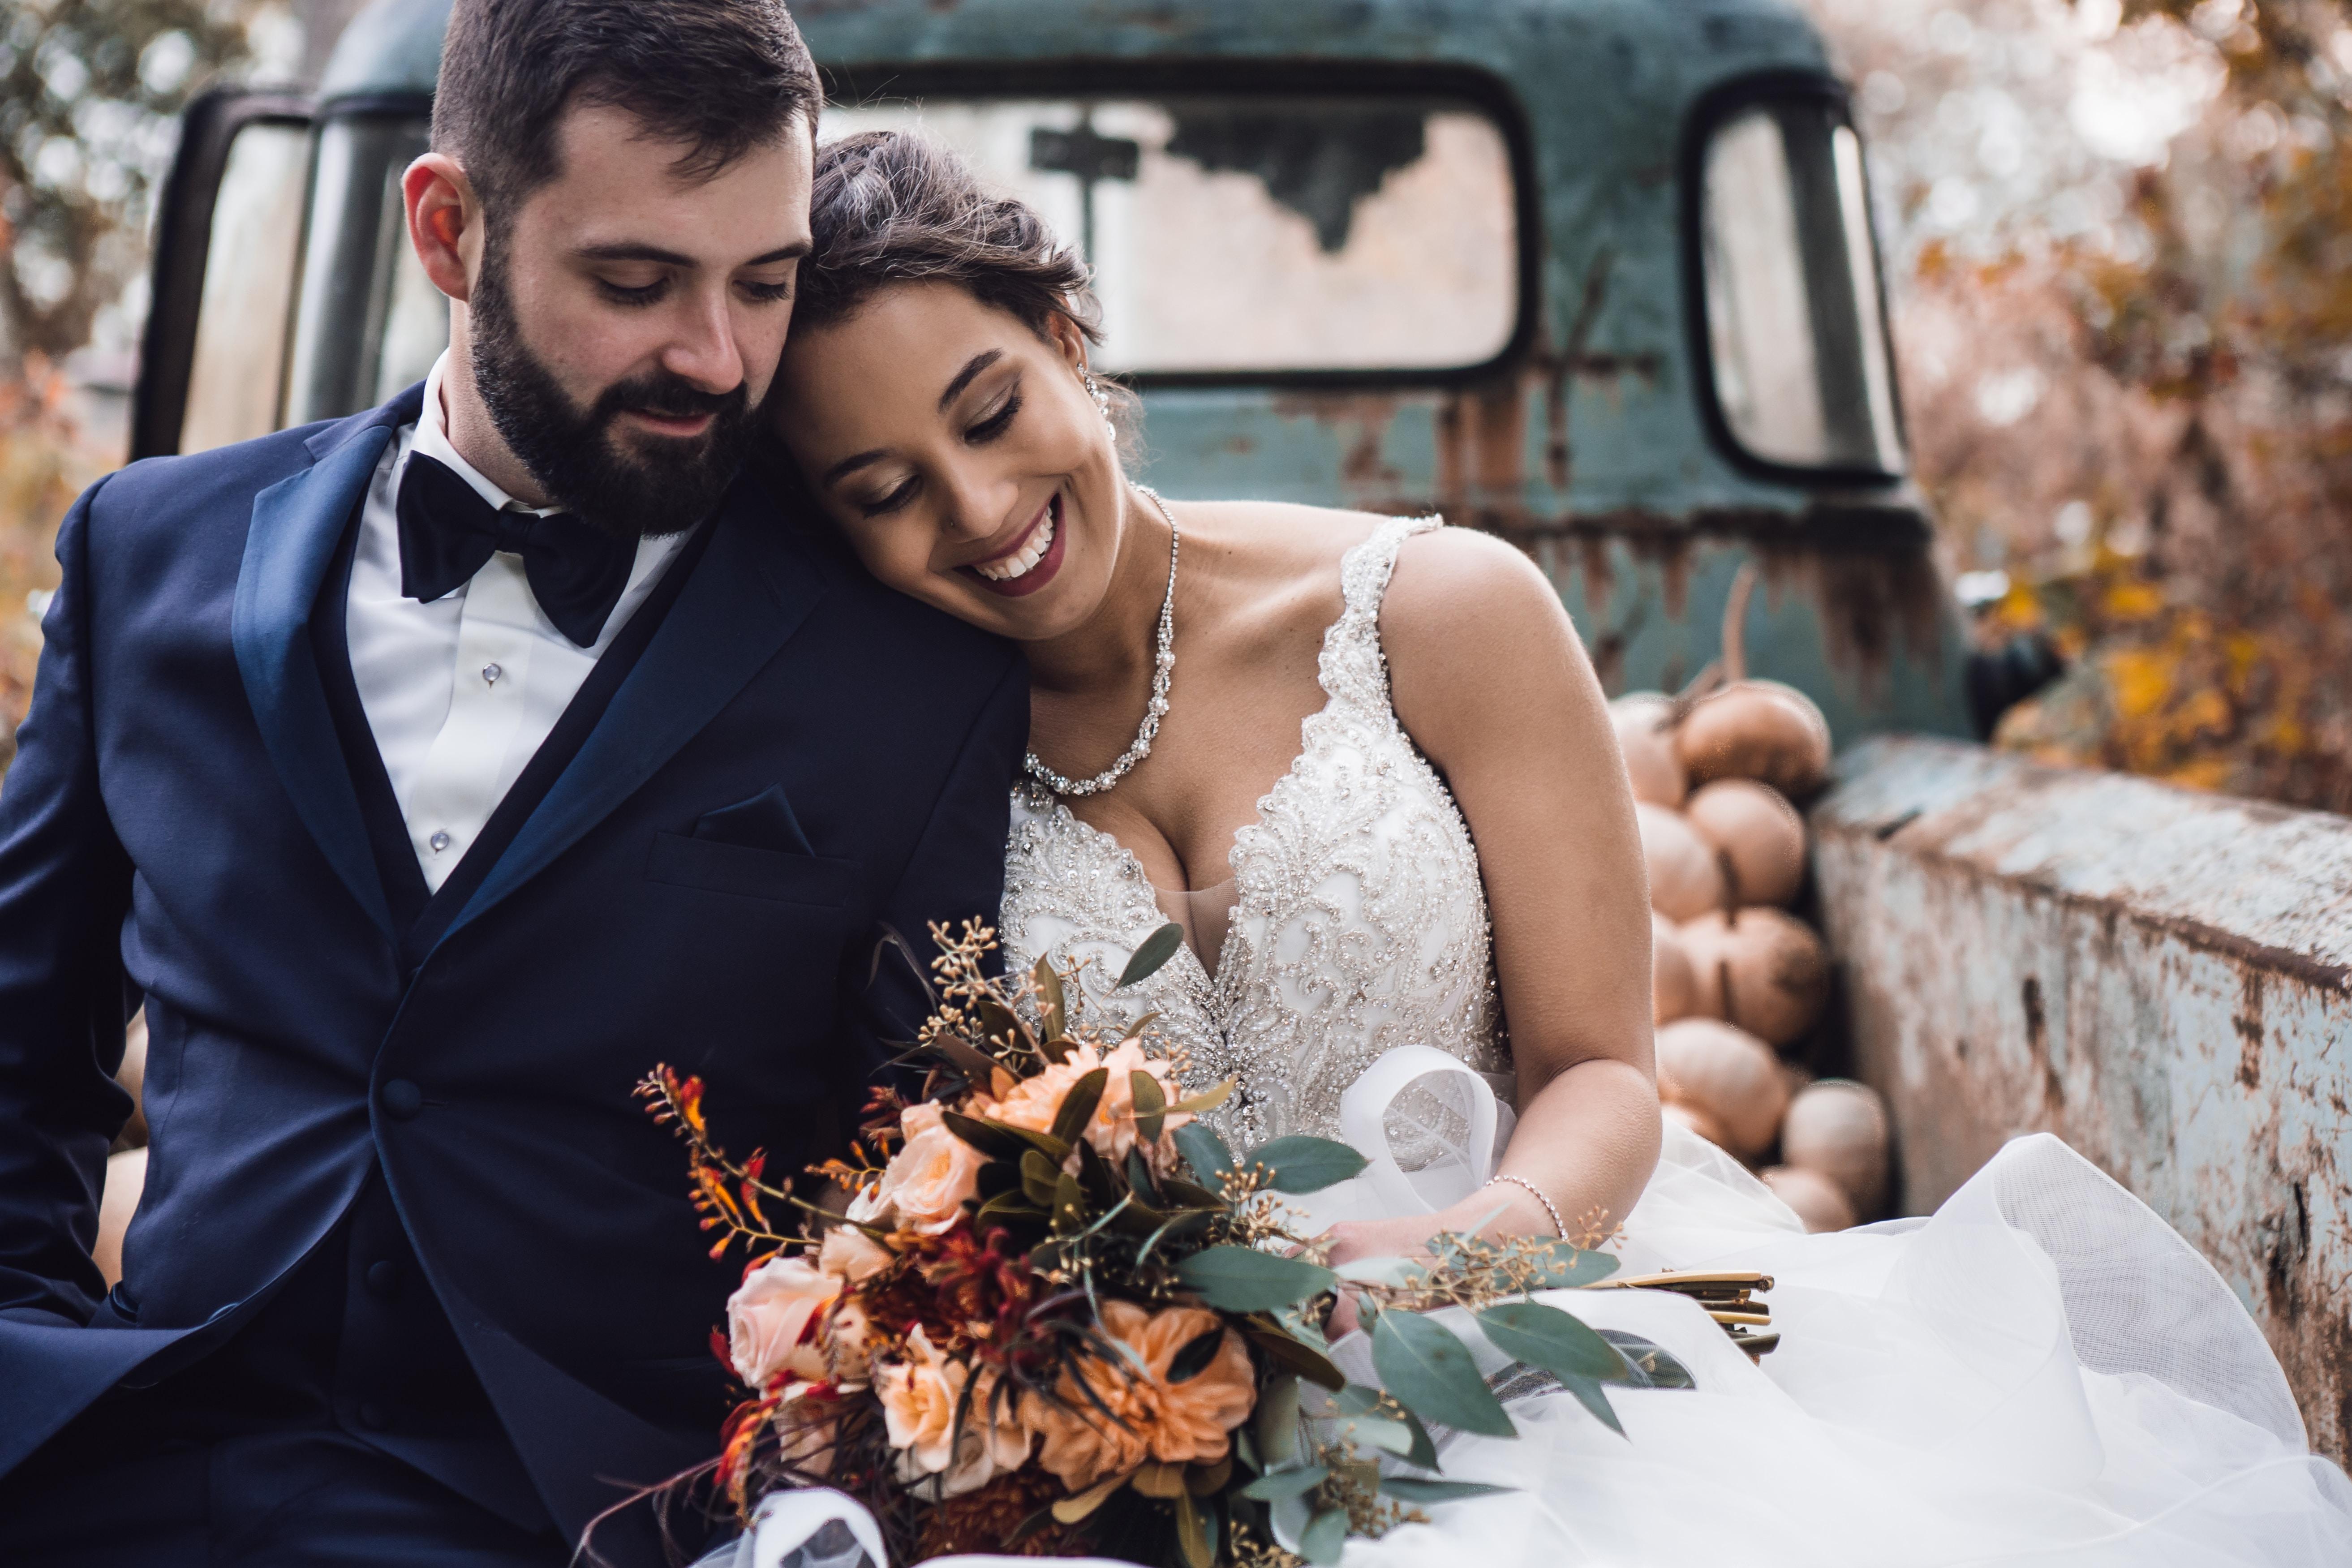 結婚式での英語フレーズ&メッセージ特集!使える挨拶やお祝いの言葉を紹介!